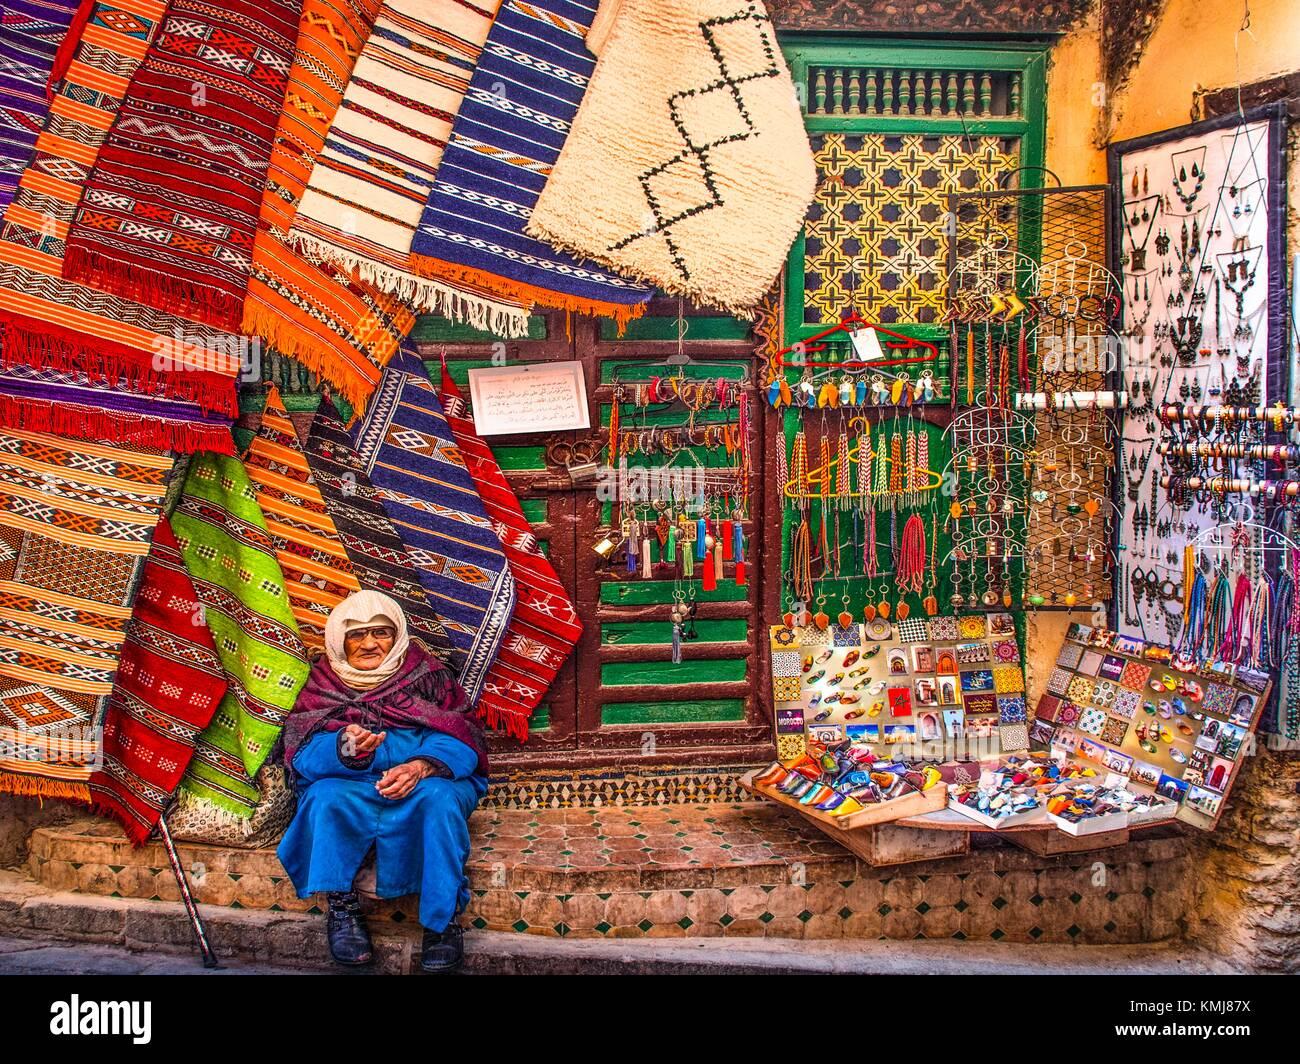 Prophet Mohamed Stock Photos & Prophet Mohamed Stock Images